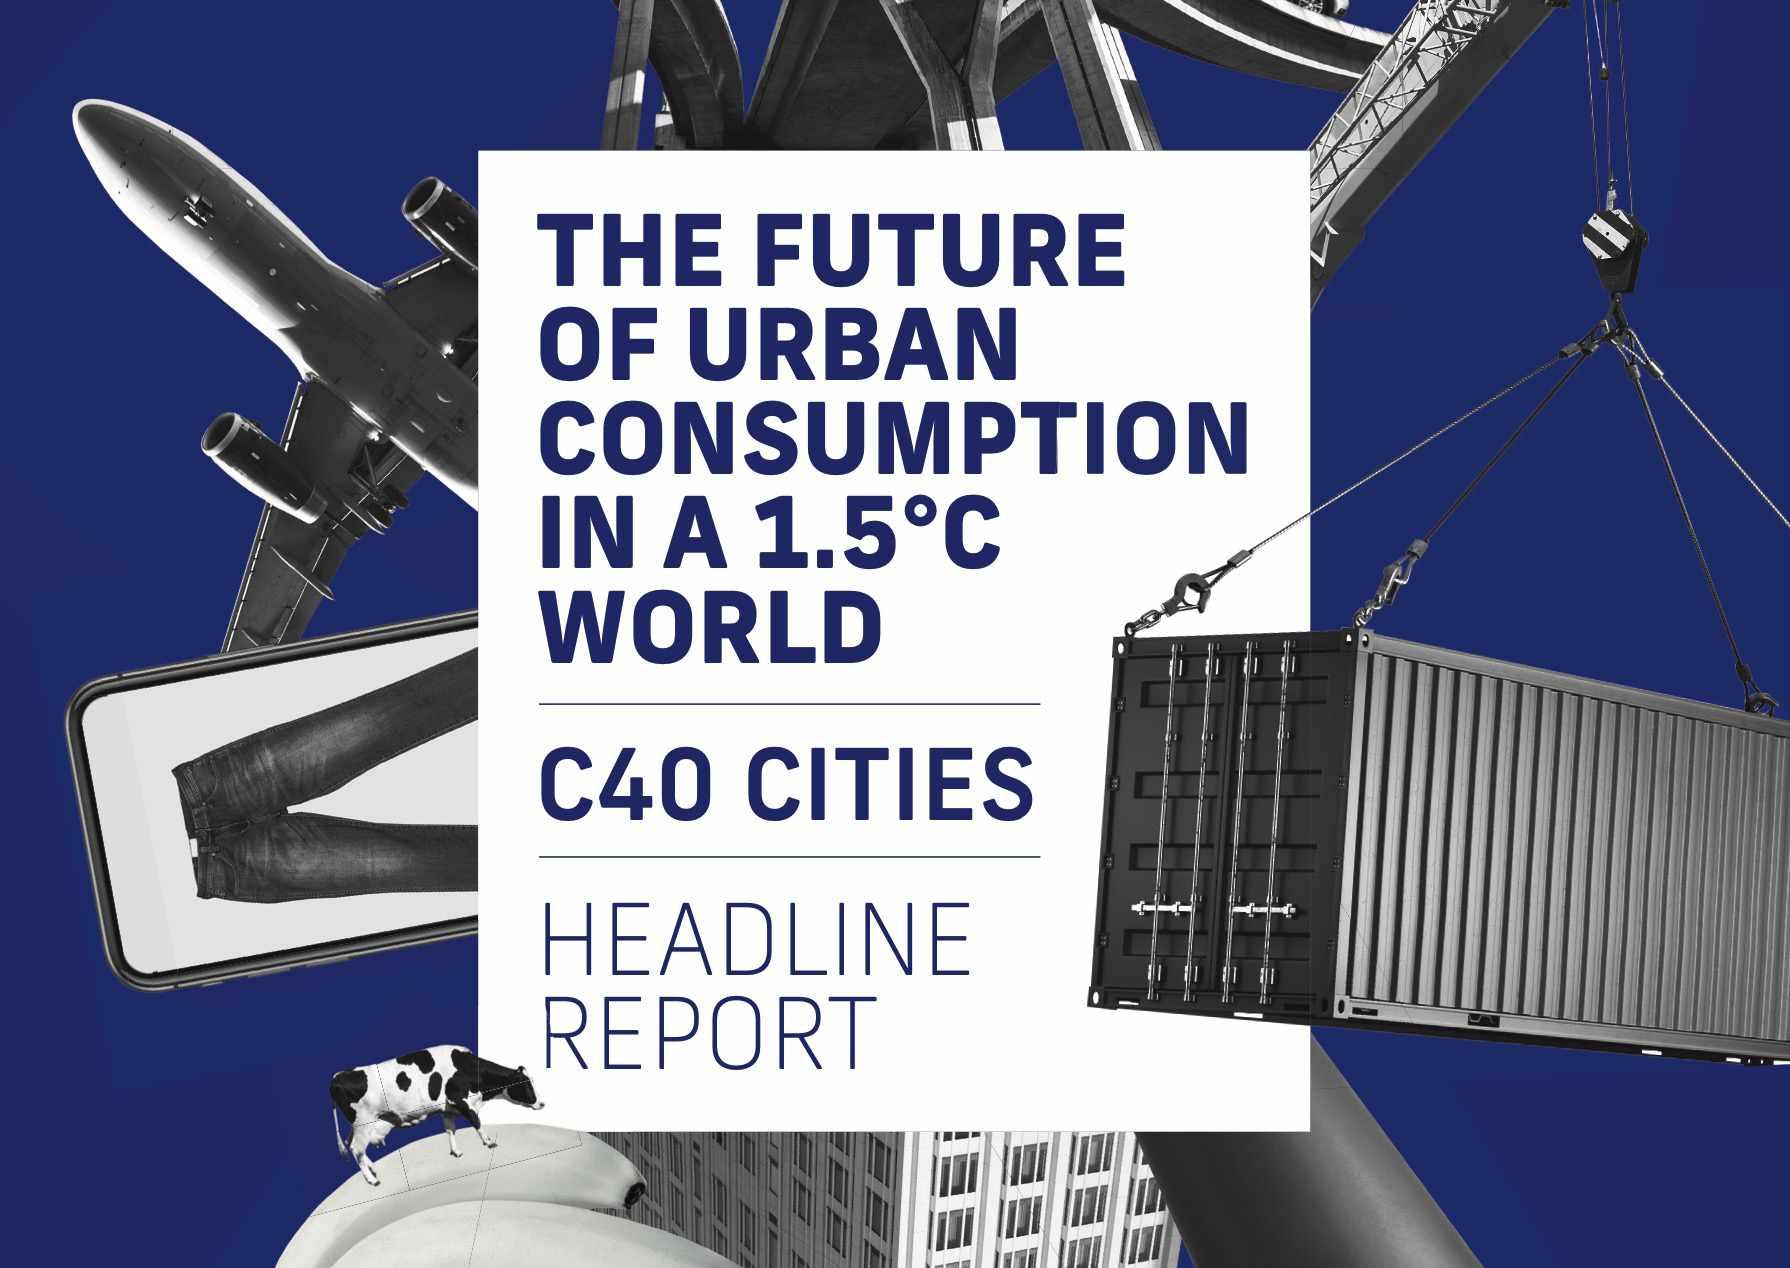 Future of urban consumption